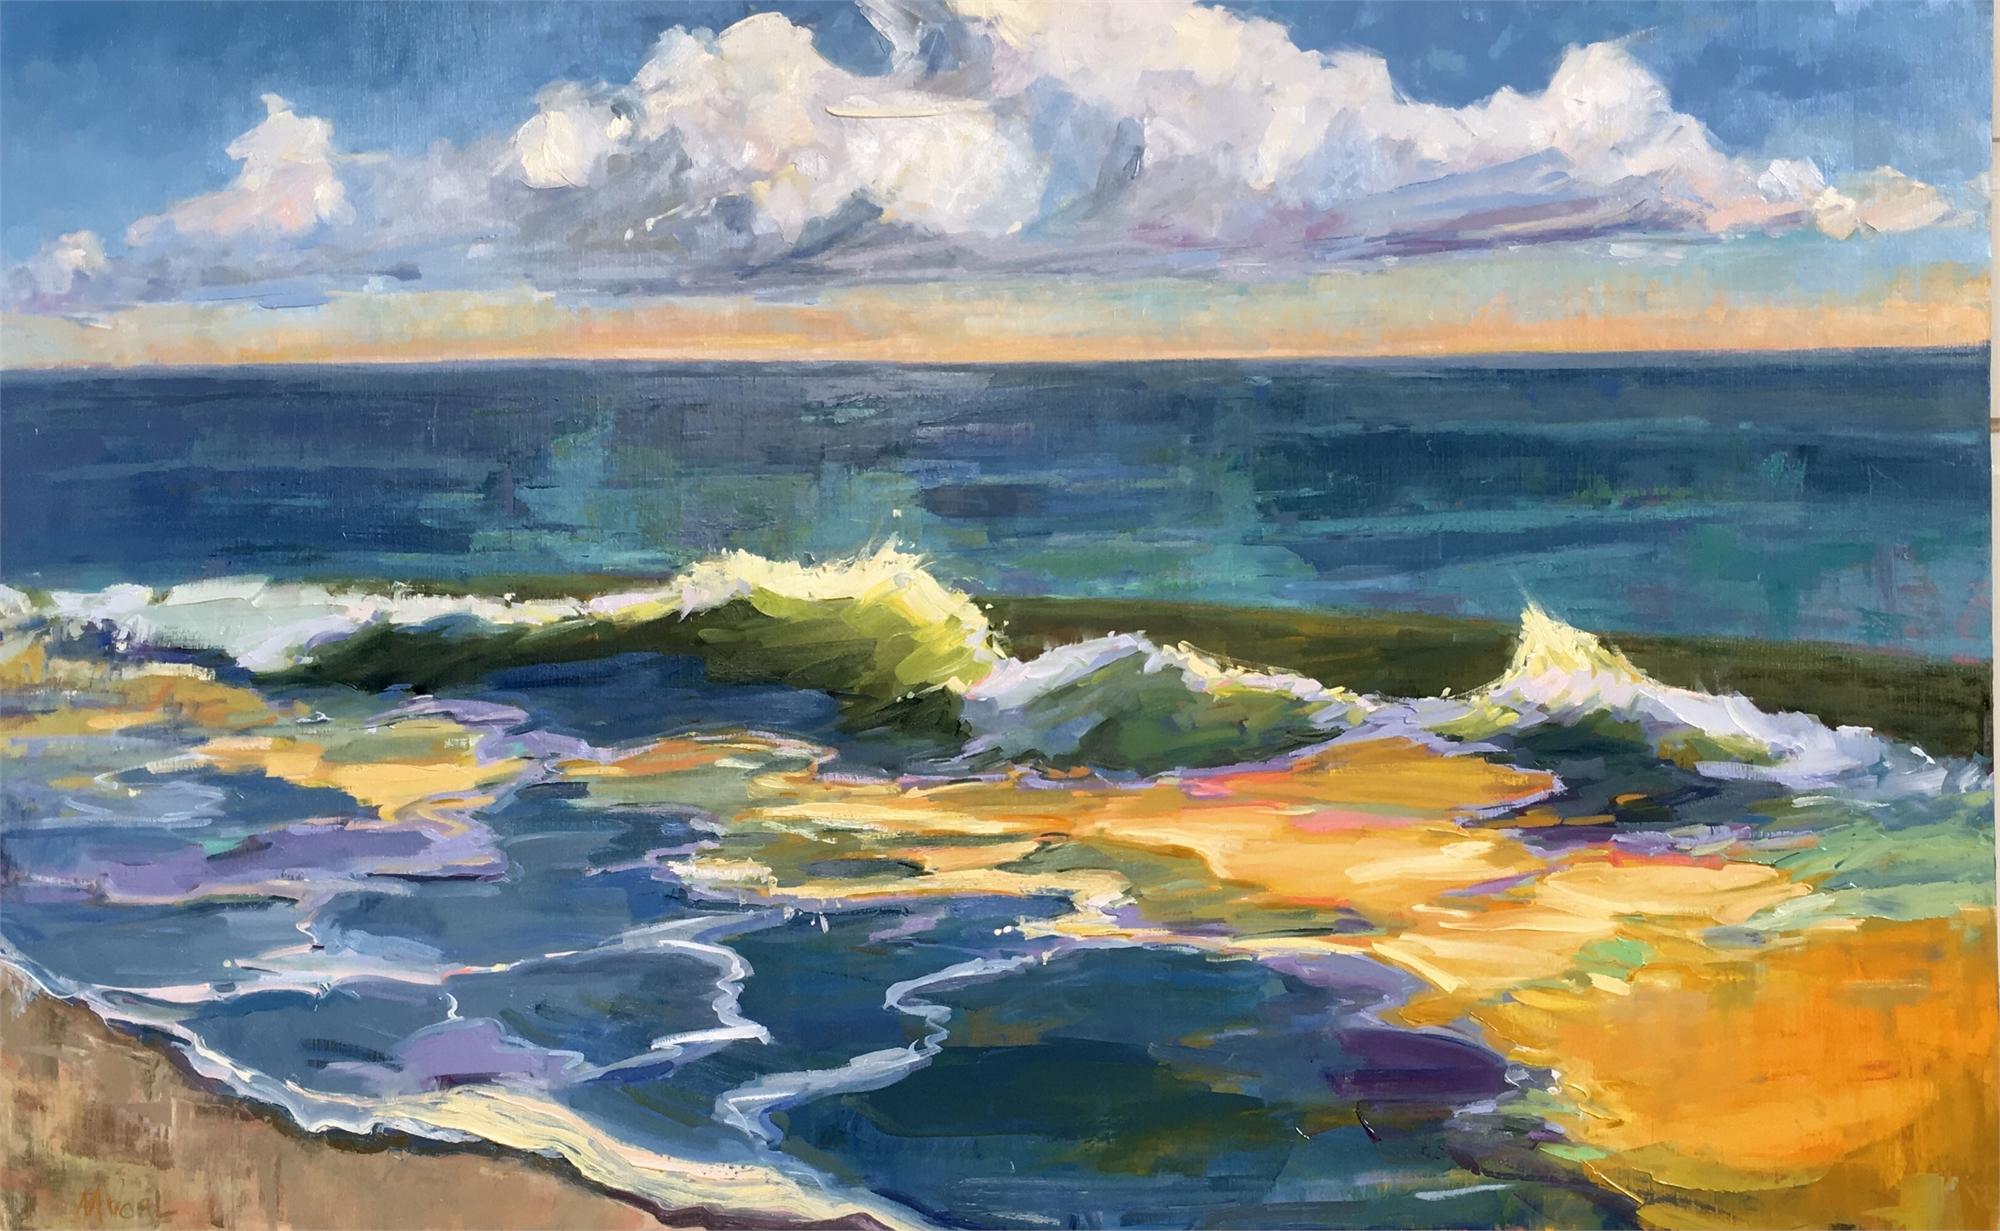 Sail, Sail Away by Marissa Vogl